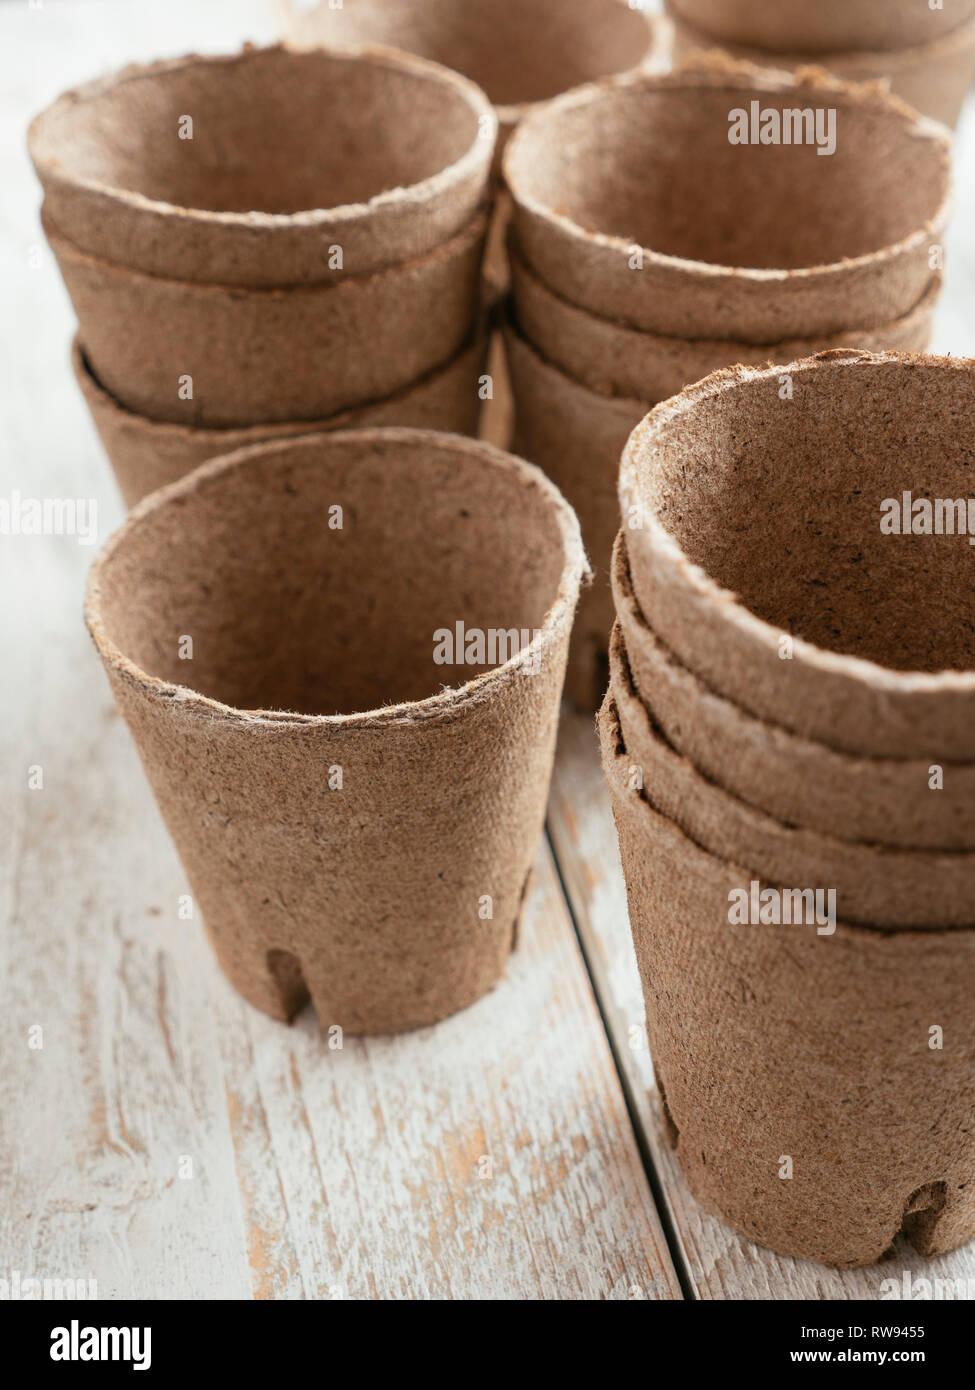 Biologisch abbaubare Torf Pflanzencontainer, die Plastik im Gartenbau zu reduzieren. Stockfoto